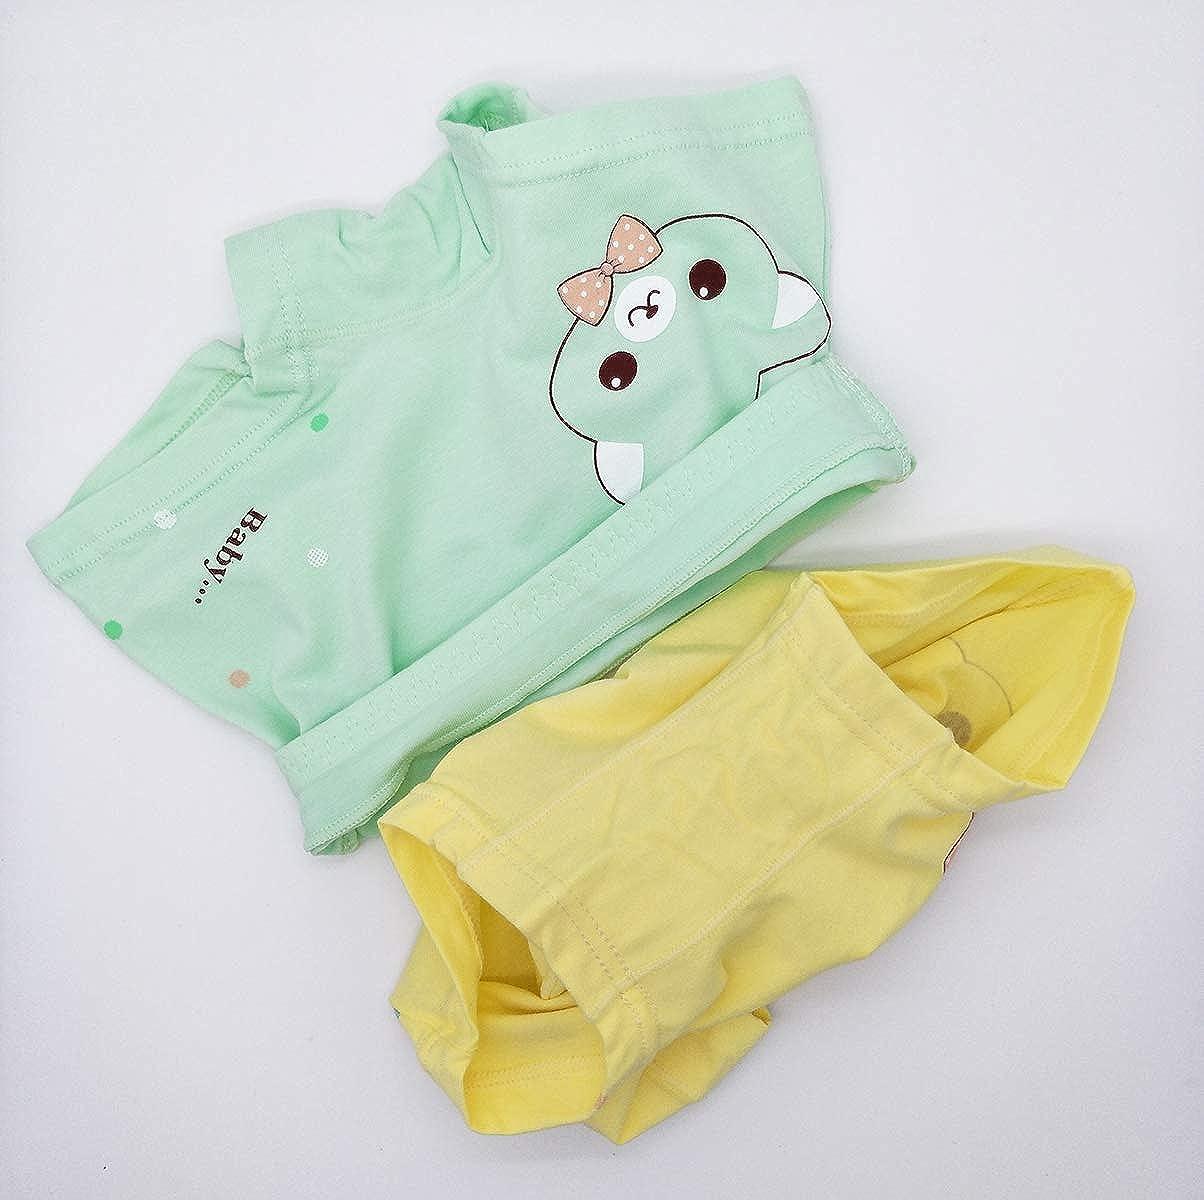 Qrity 5 Pacchi Kid Mutandine Culotte in Cotone per Ragazza Mutande di Cotone Bambina Ragazza Shorty Intimo 3 a 8 Anni